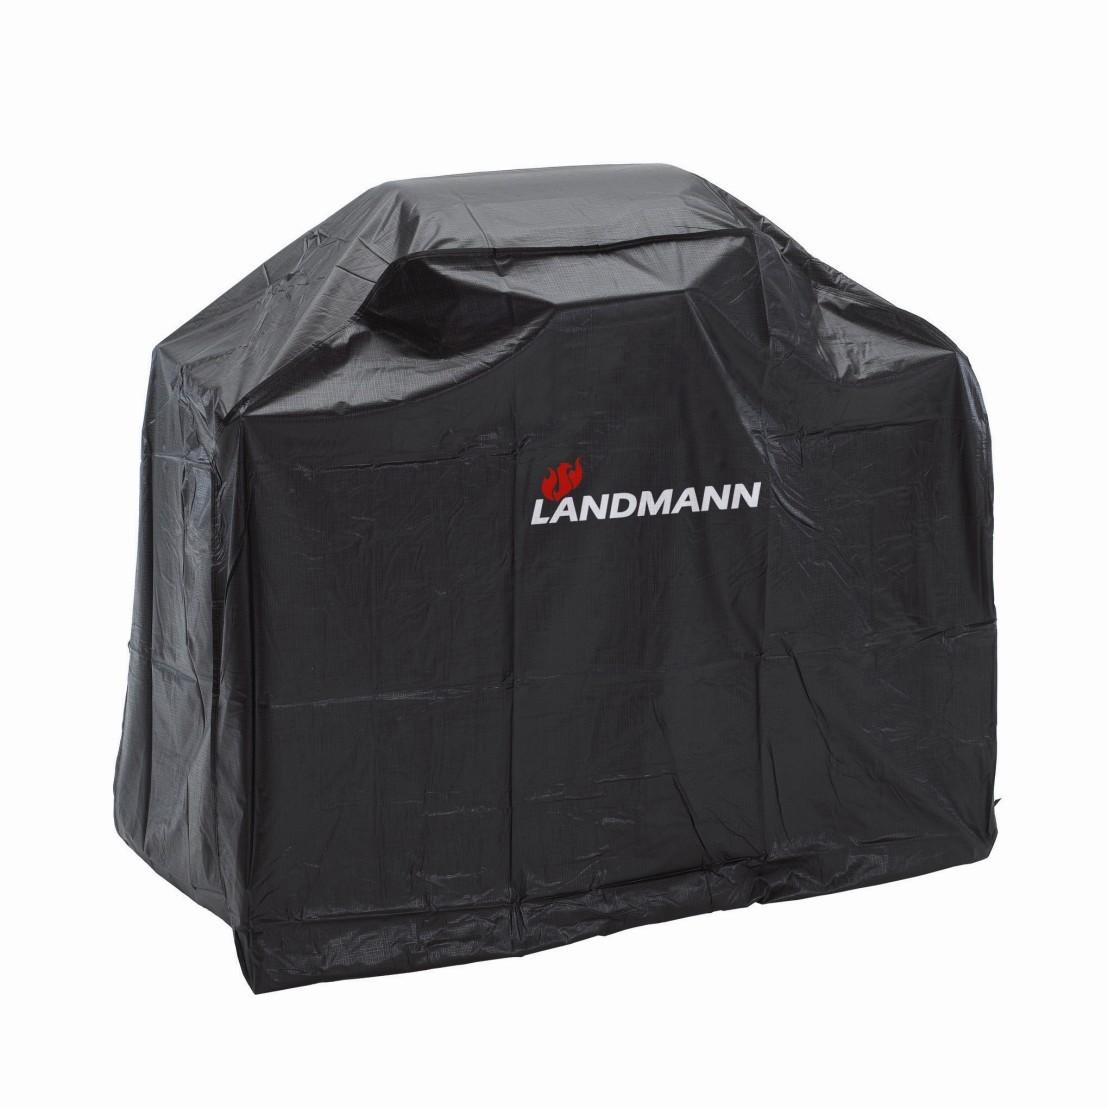 Schutzhülle für Landmann Grill Wetterschutzhaube Quality L 0276 Bild 1